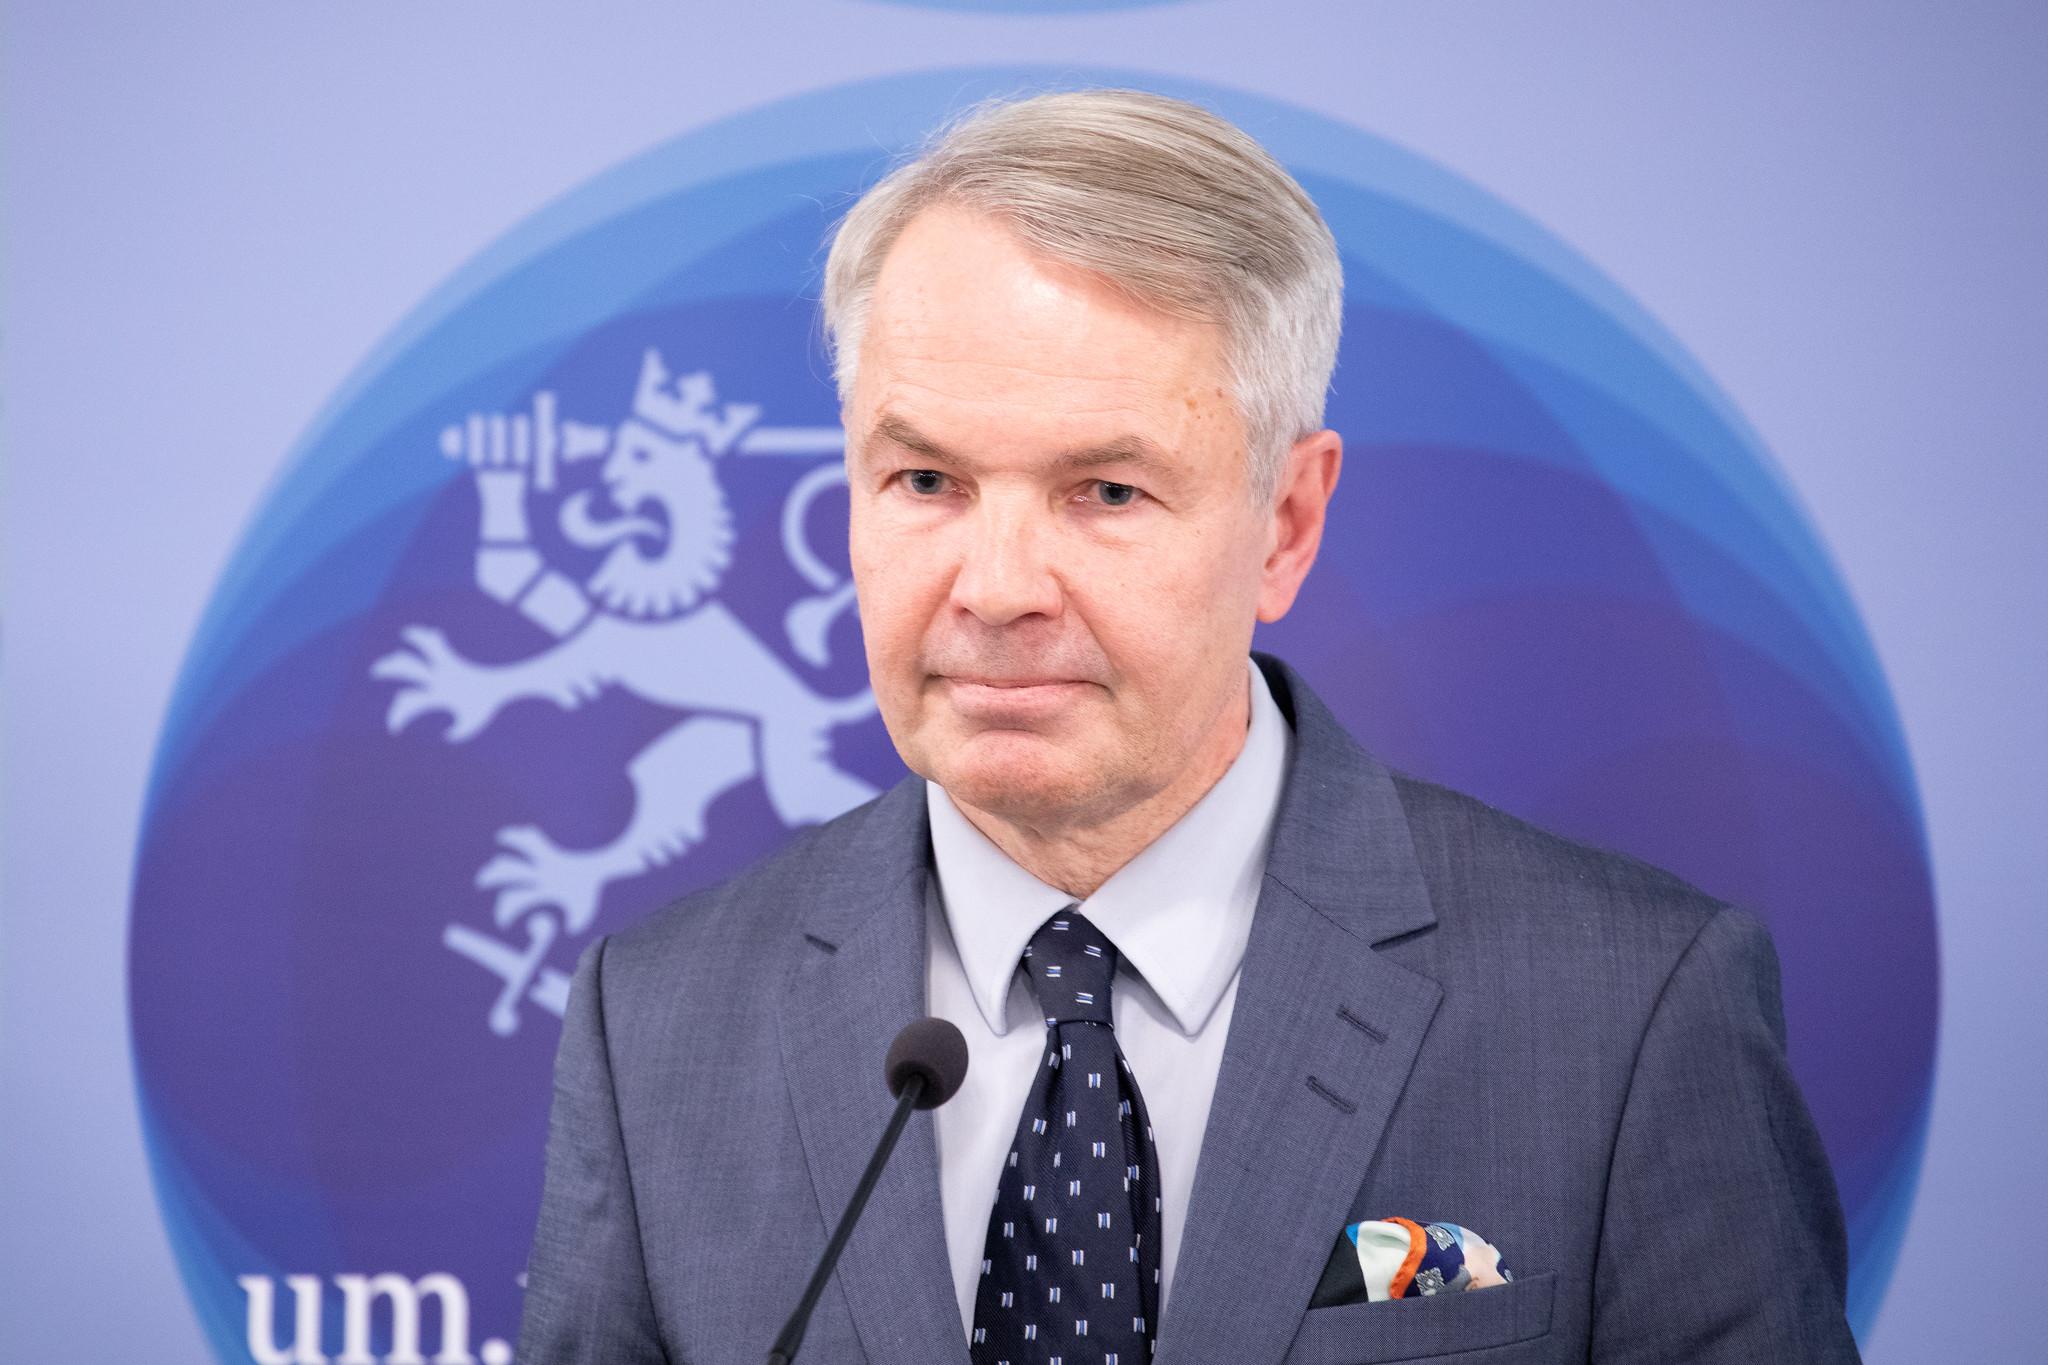 Foreign Minister Pekka Haavisto (the Green League). Photograph: Kosti Keistinen/The Finnish government